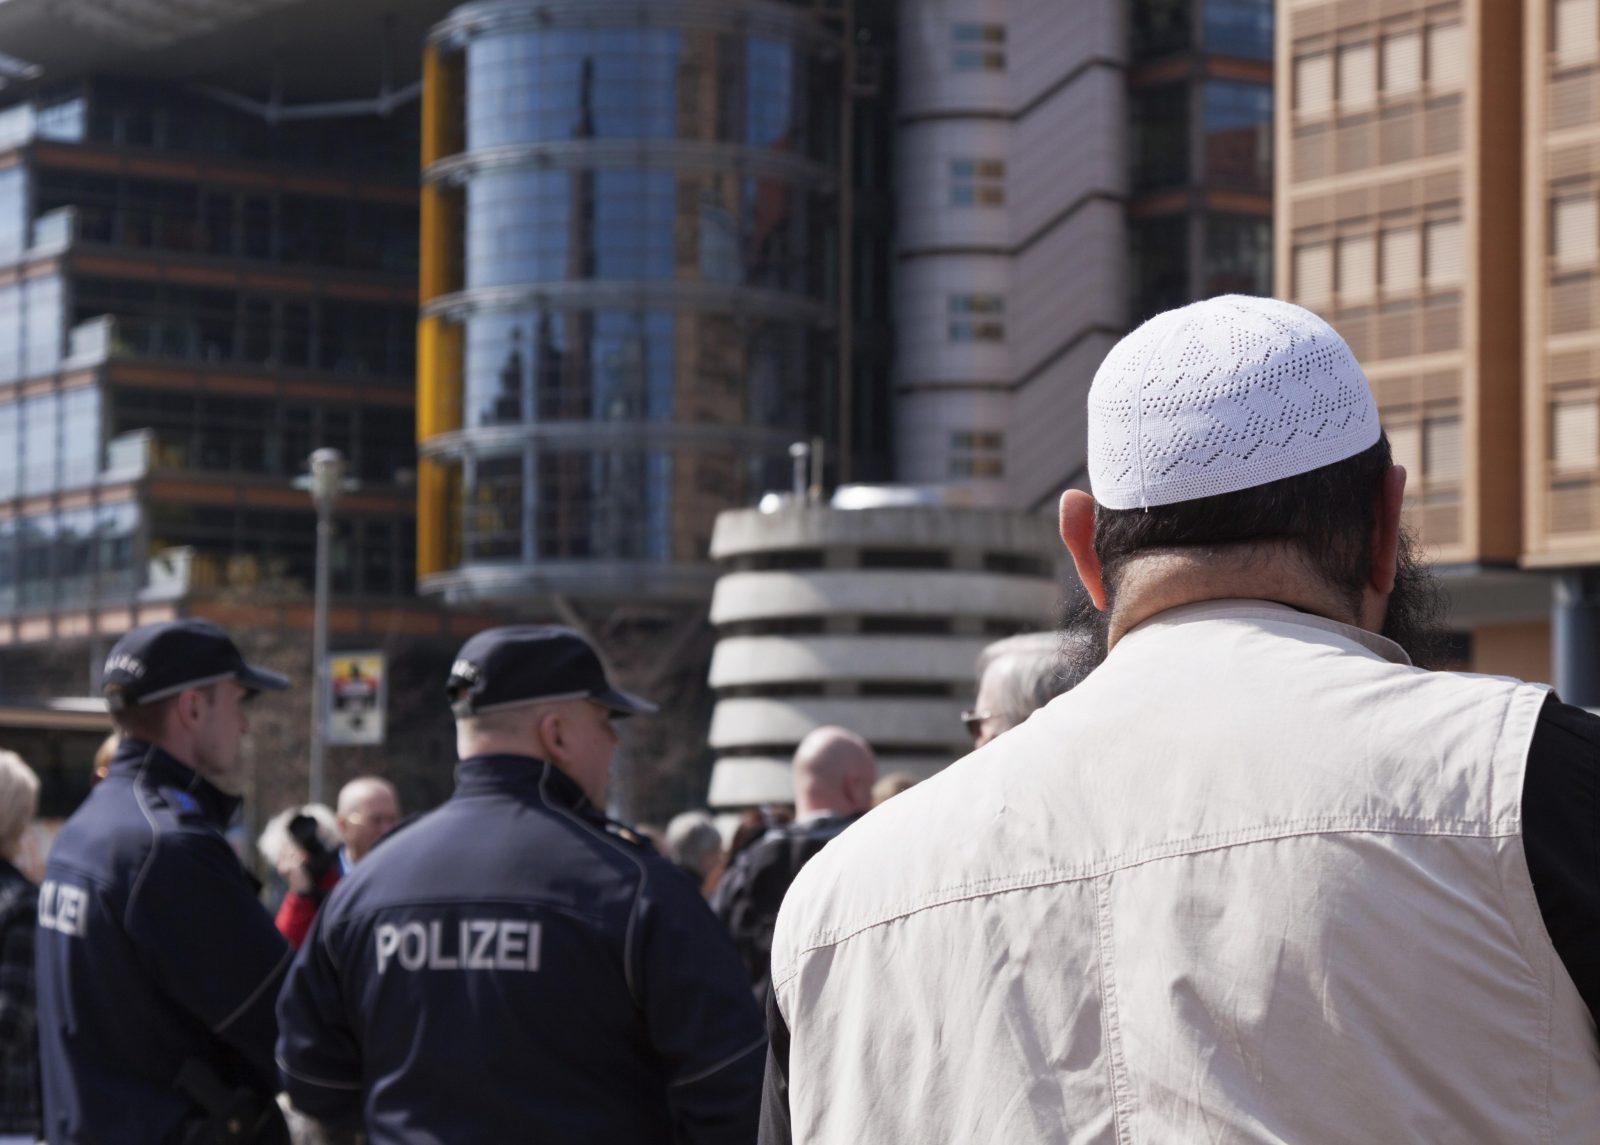 Islamistische Gefährder